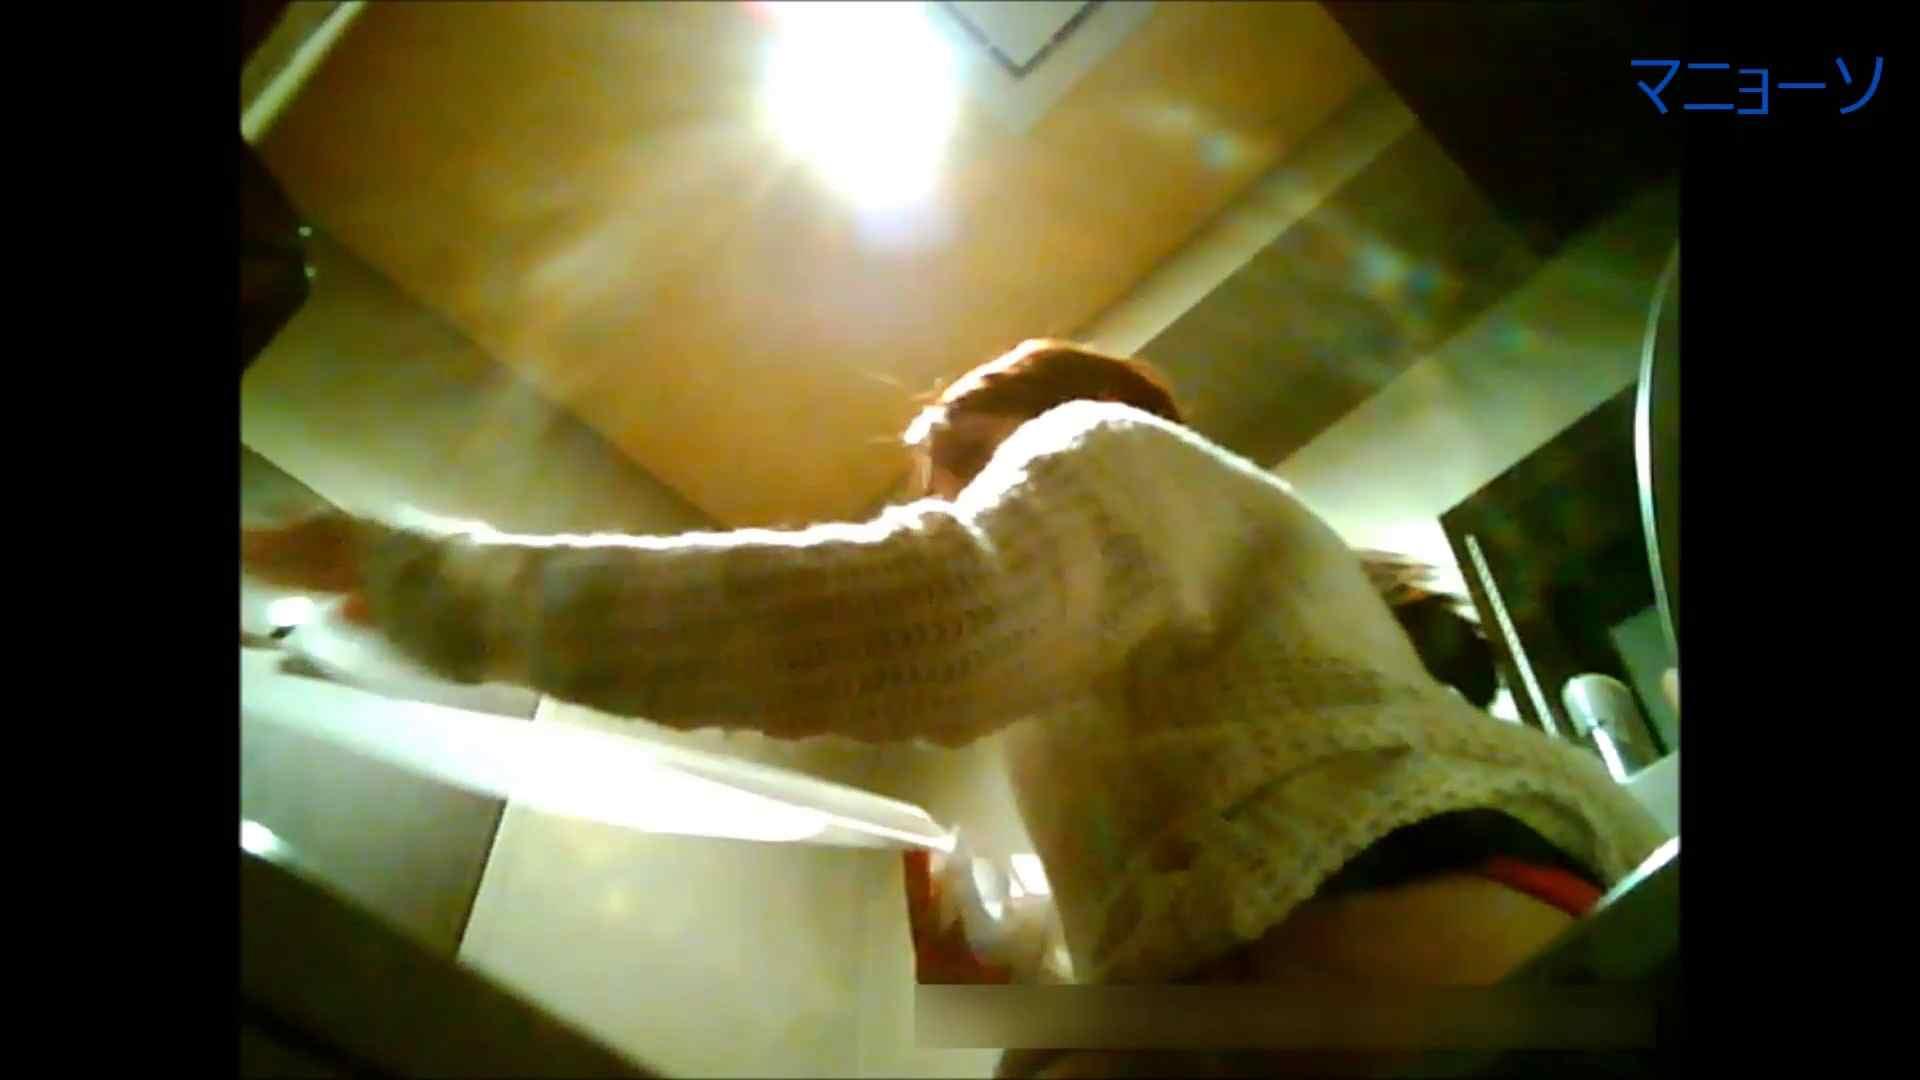 トイレでひと肌脱いでもらいました (JD編)Vol.02 トイレで・・・  83画像 14